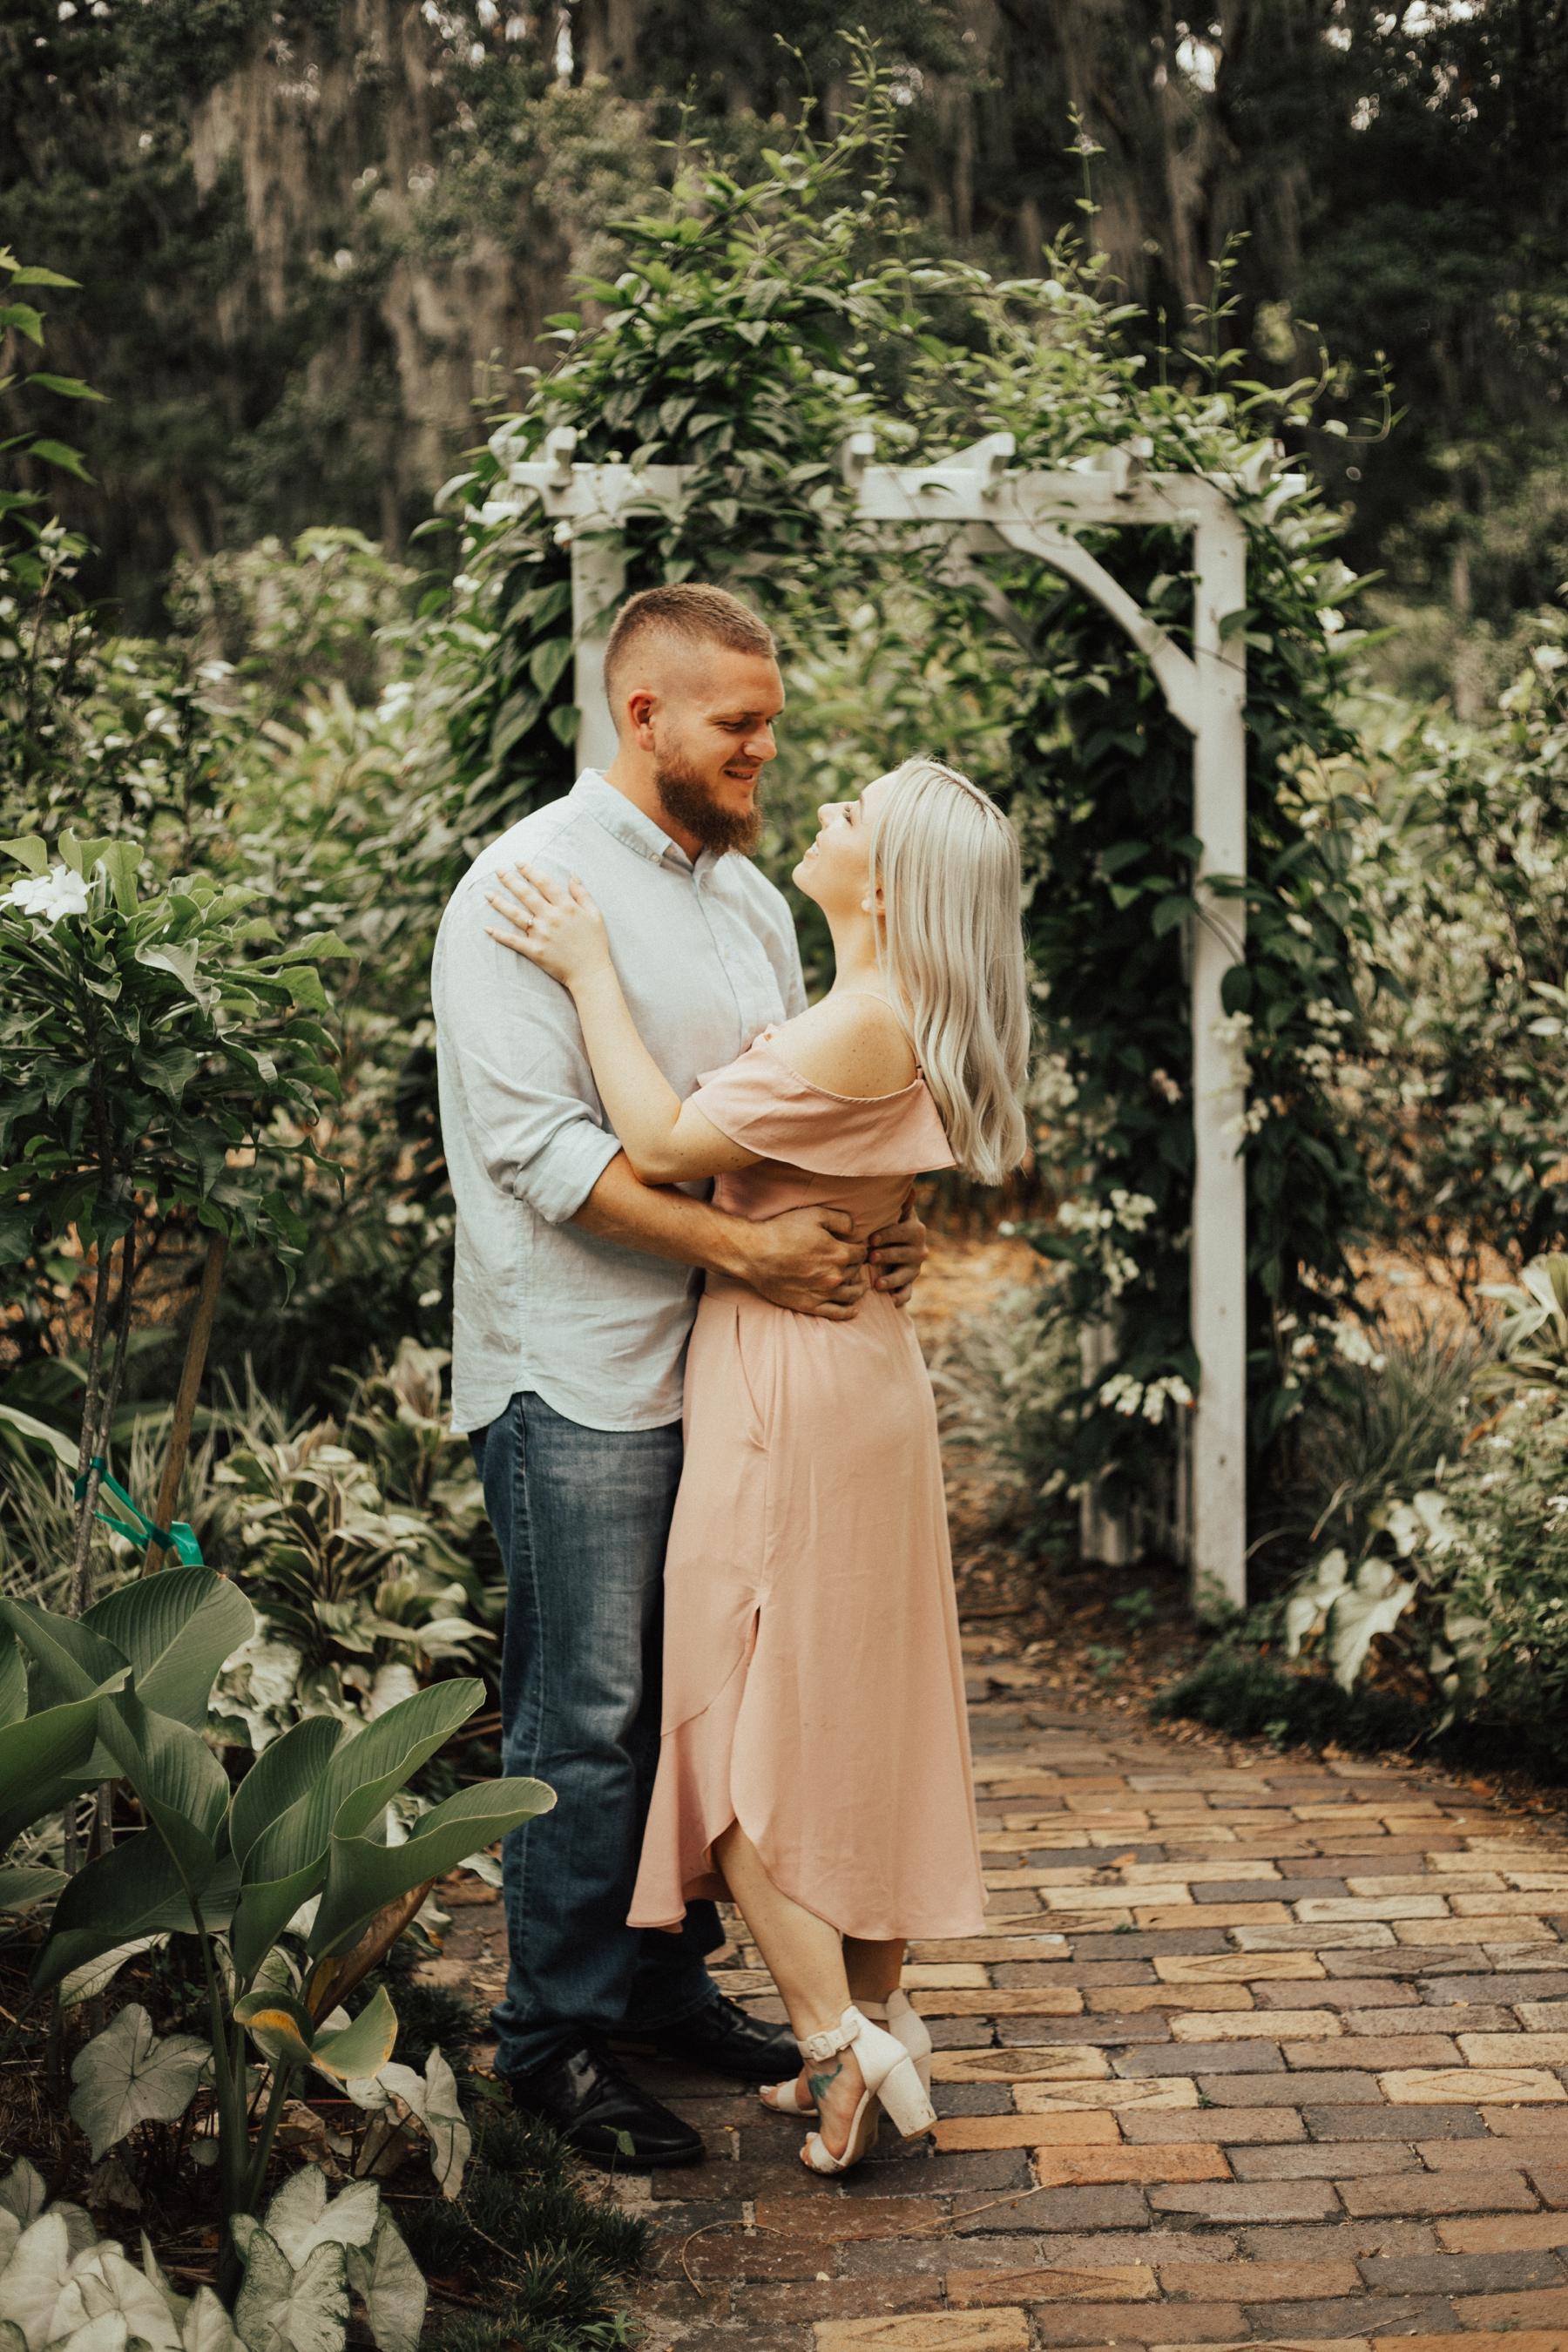 leu-gardens-engagement-007.jpg